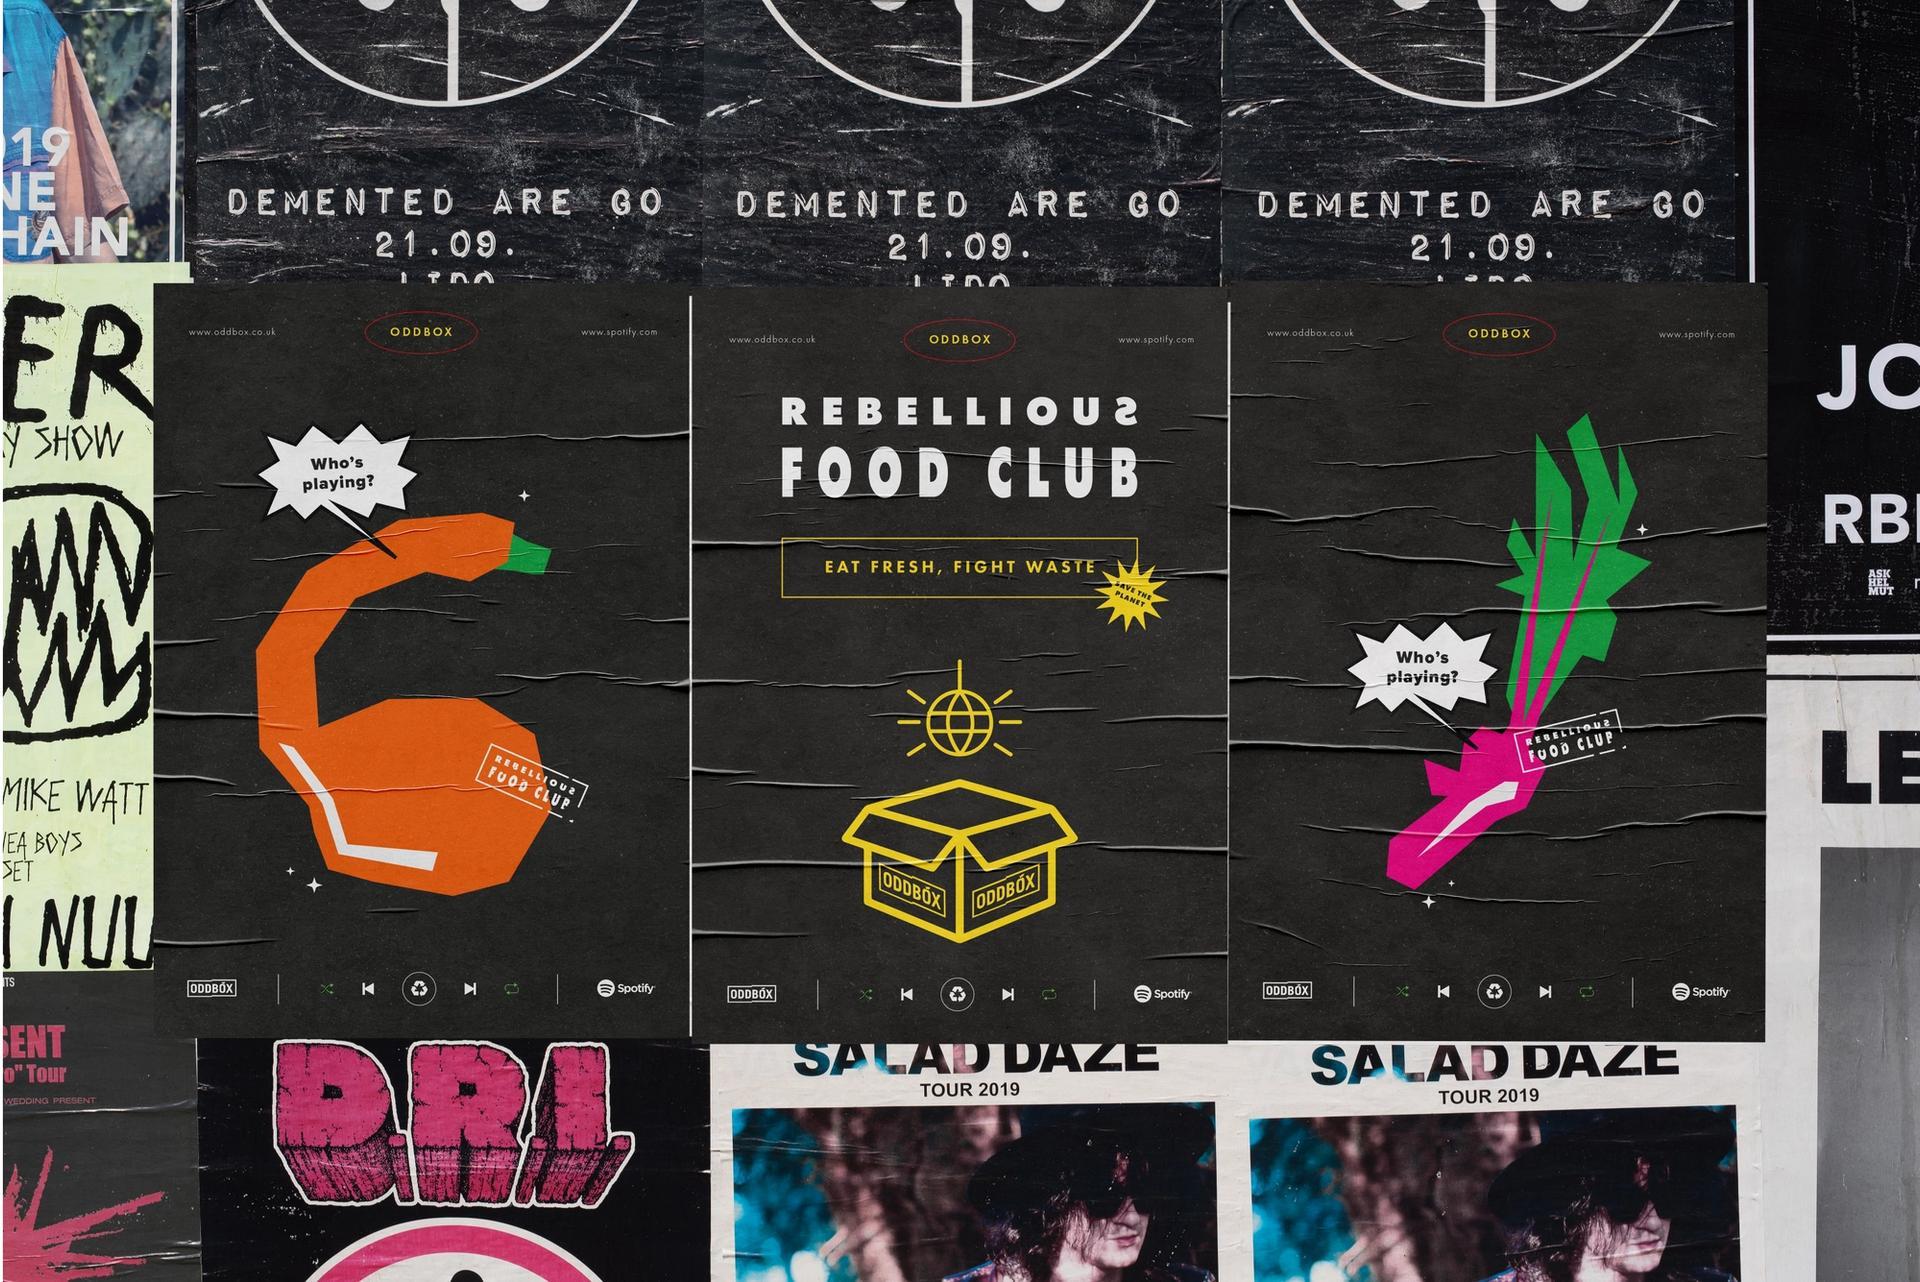 Oddbox Posters